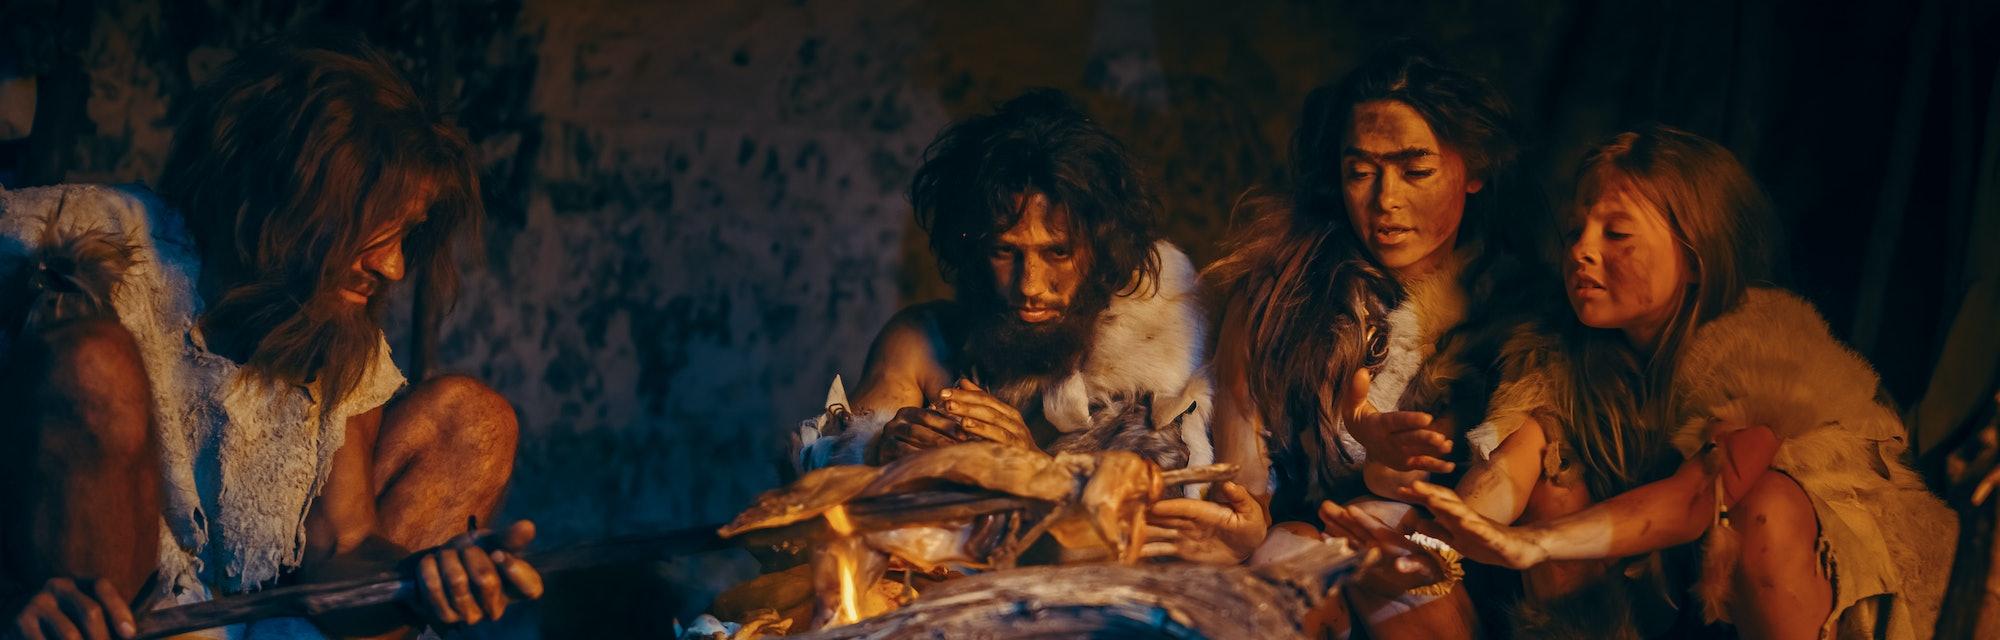 Neanderthal babies.